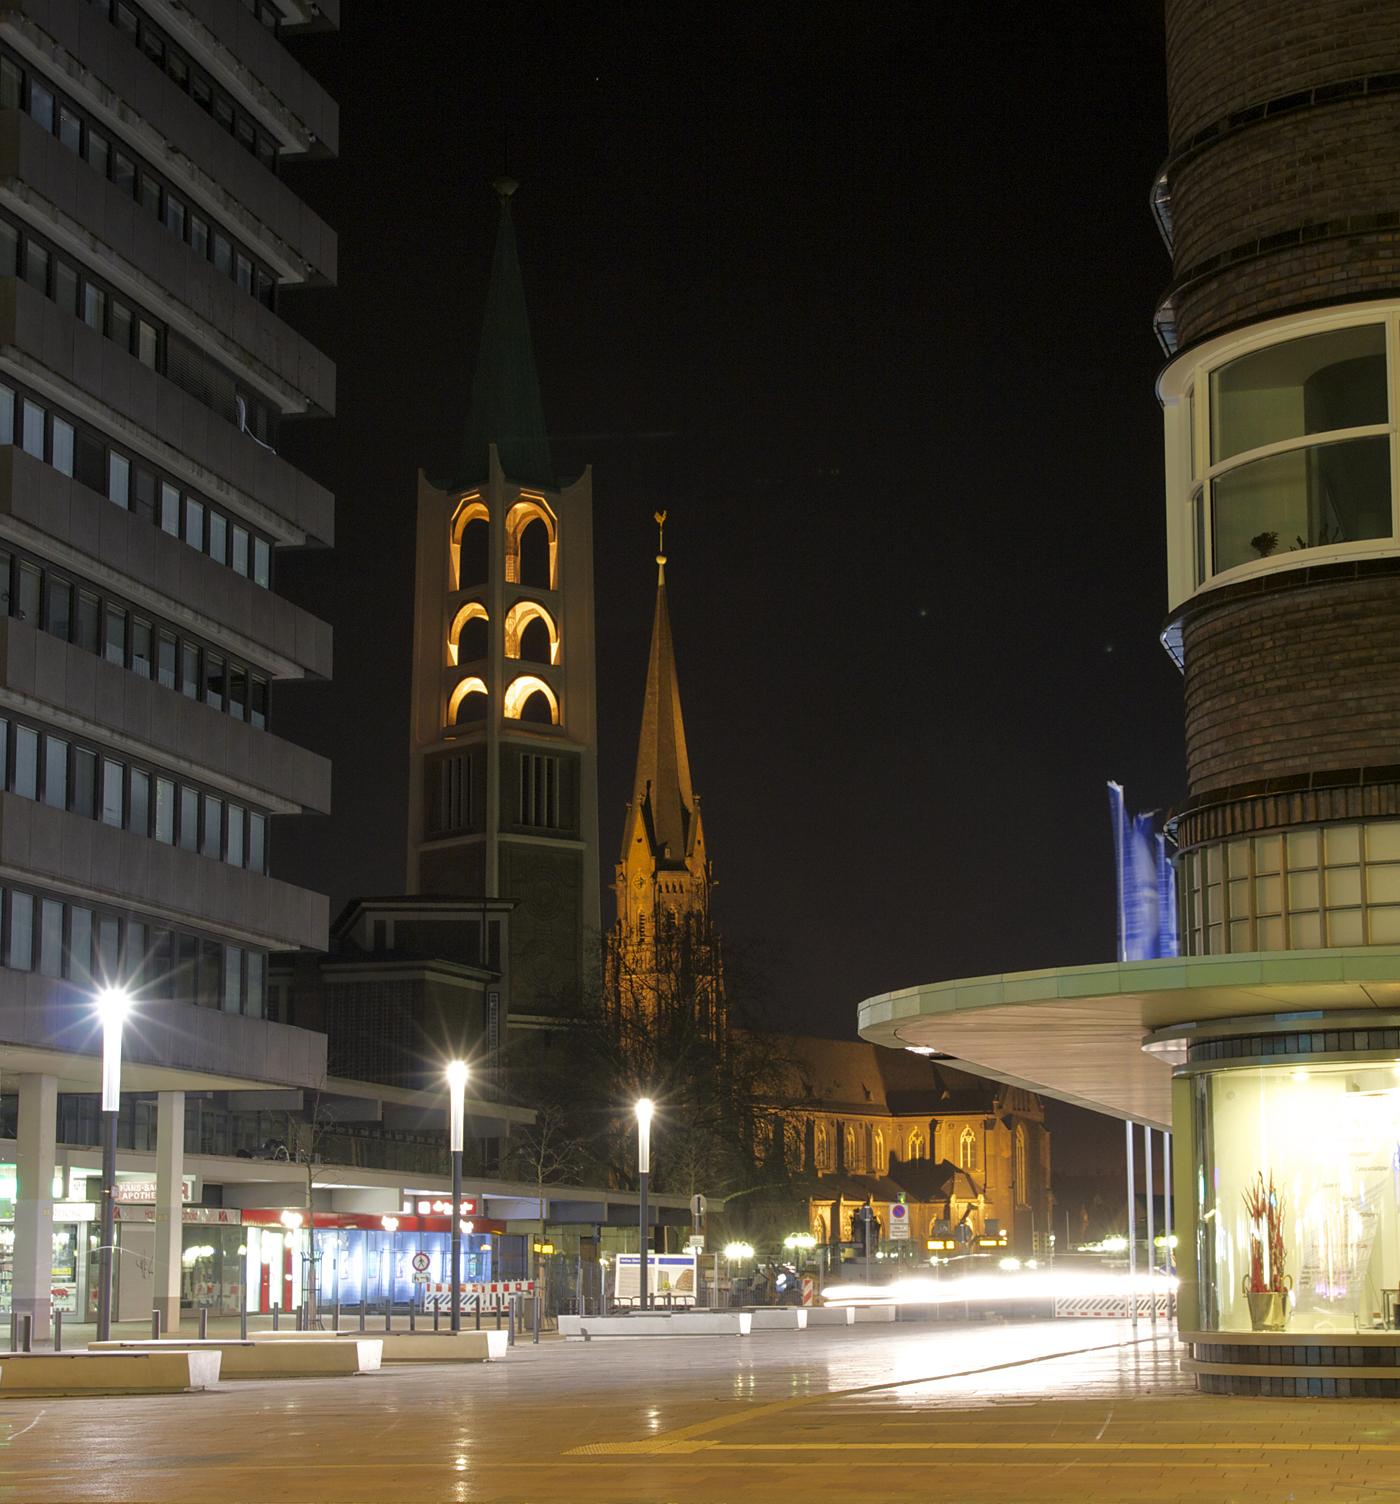 Bordell gelsenkirchen